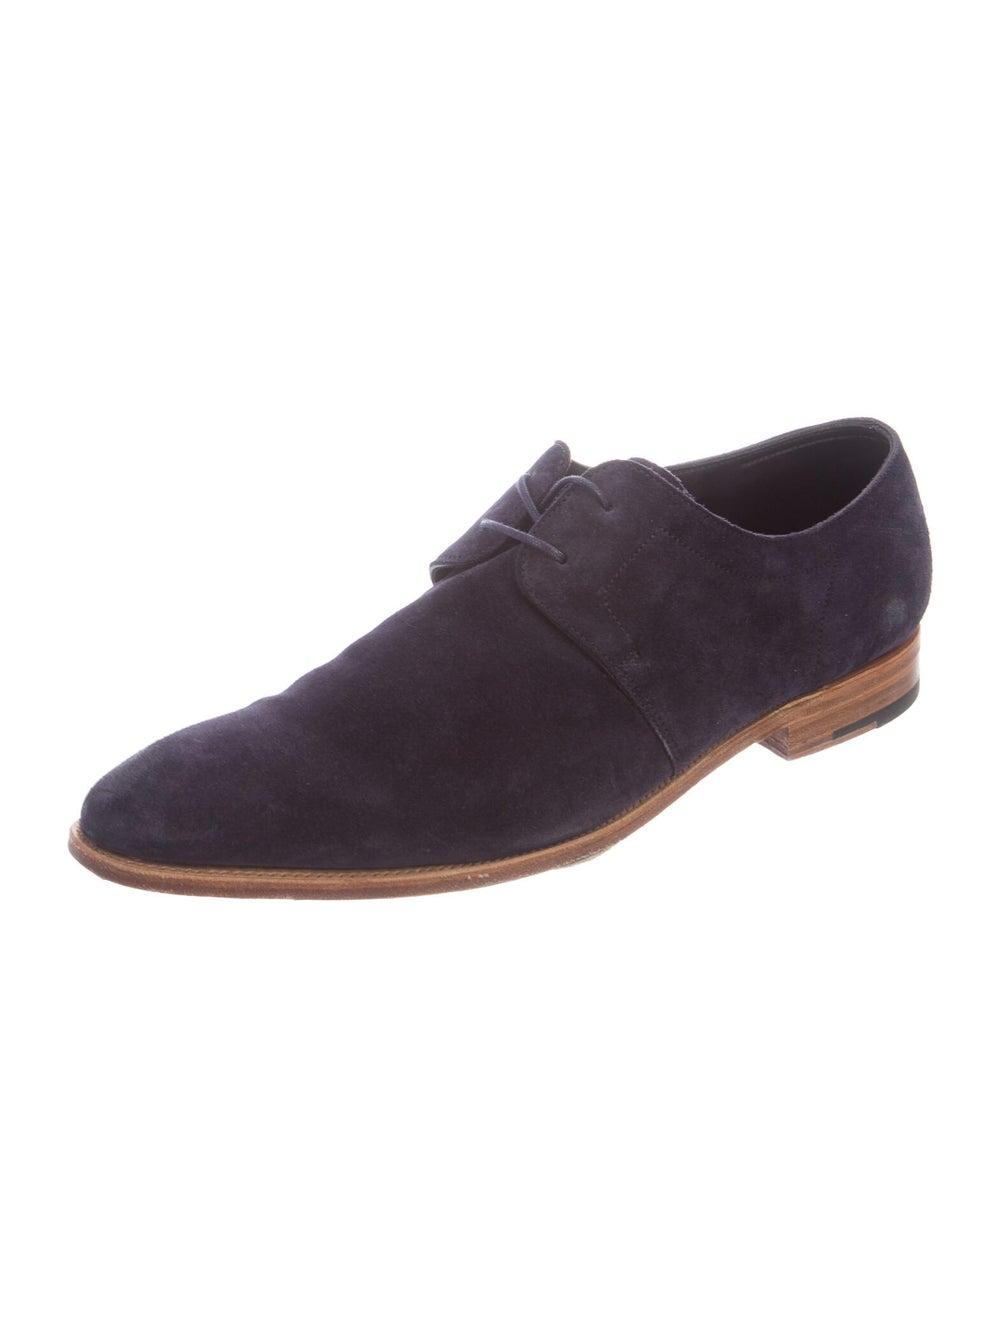 John Lobb Suede Derby Shoes Blue - image 2